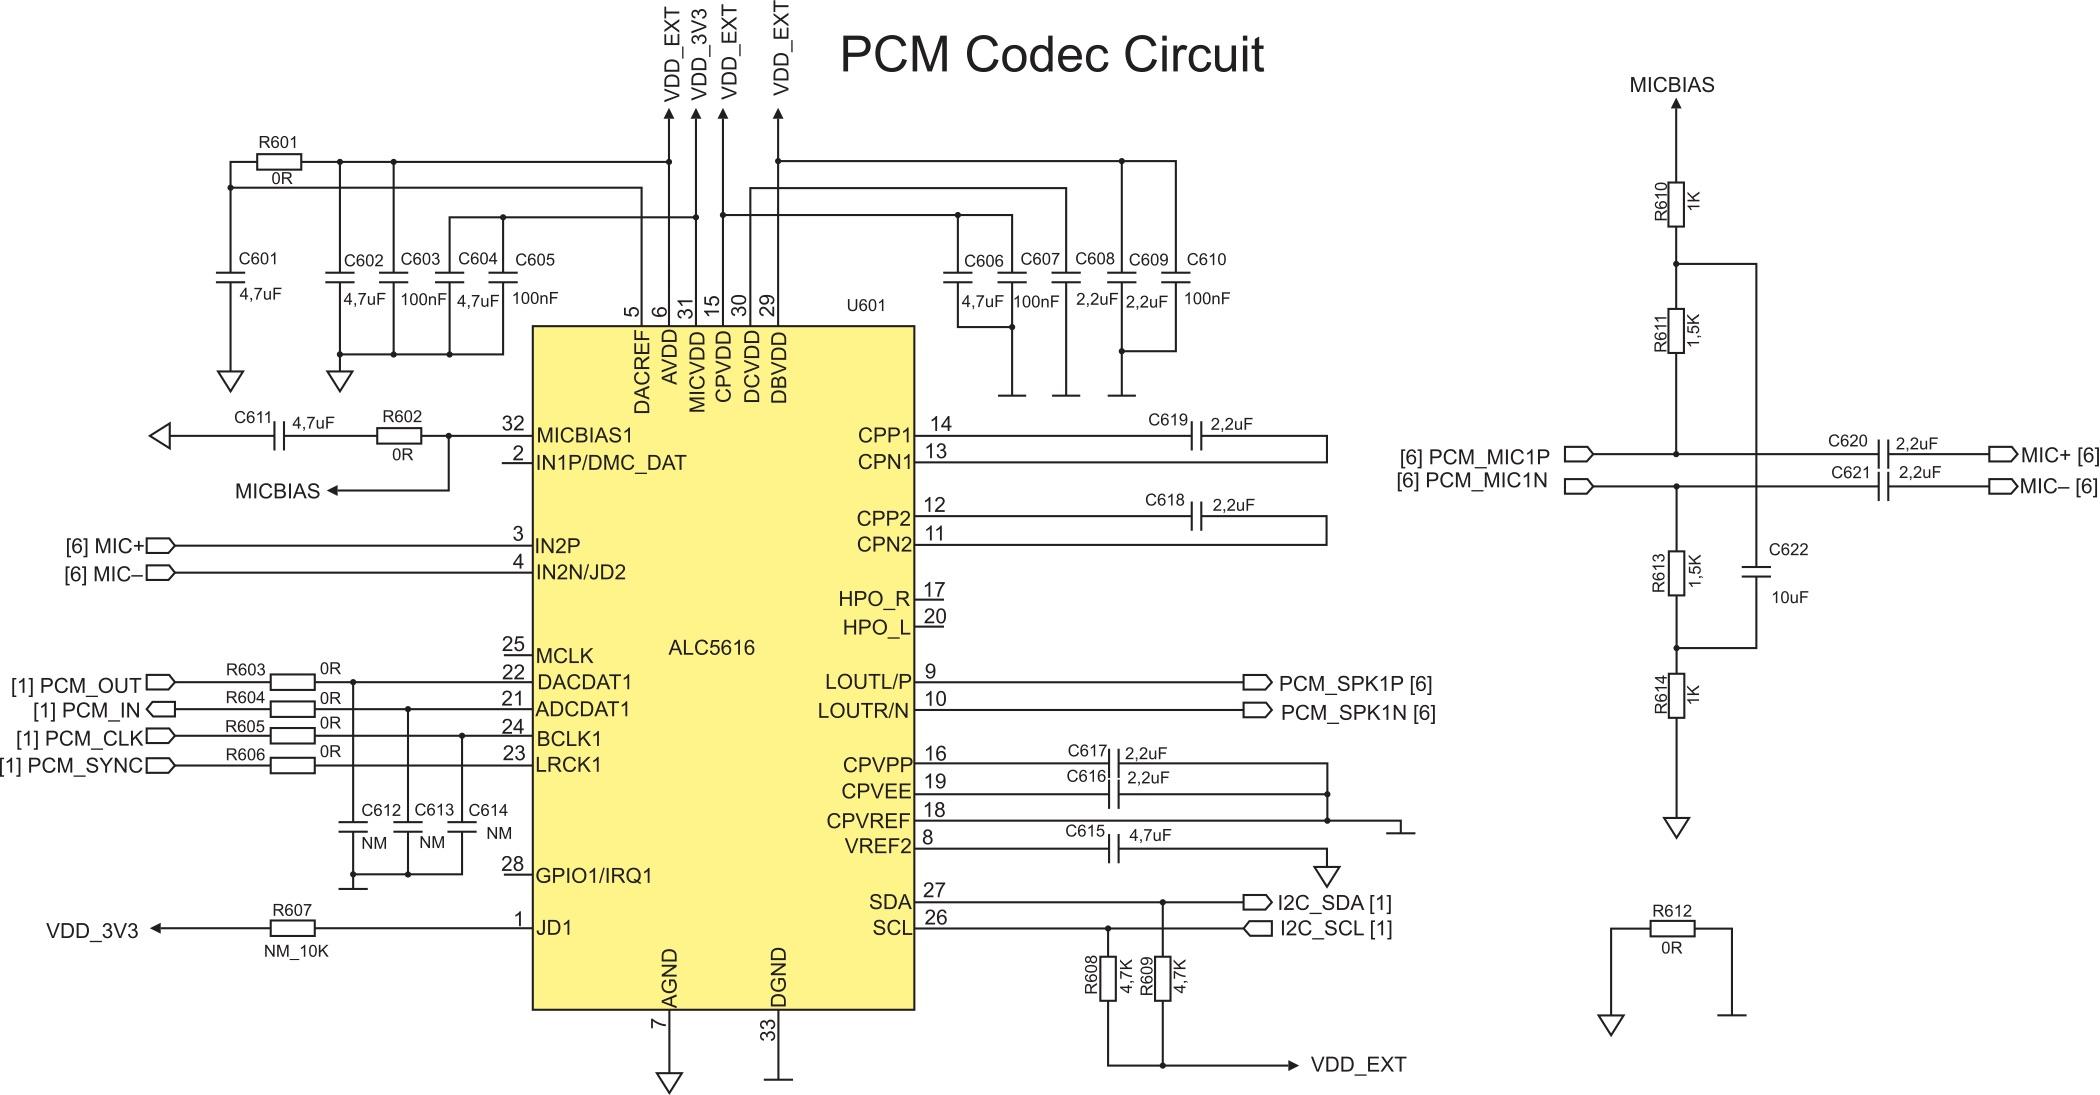 Схема подключения кодека ALC5616 к модулю UG95